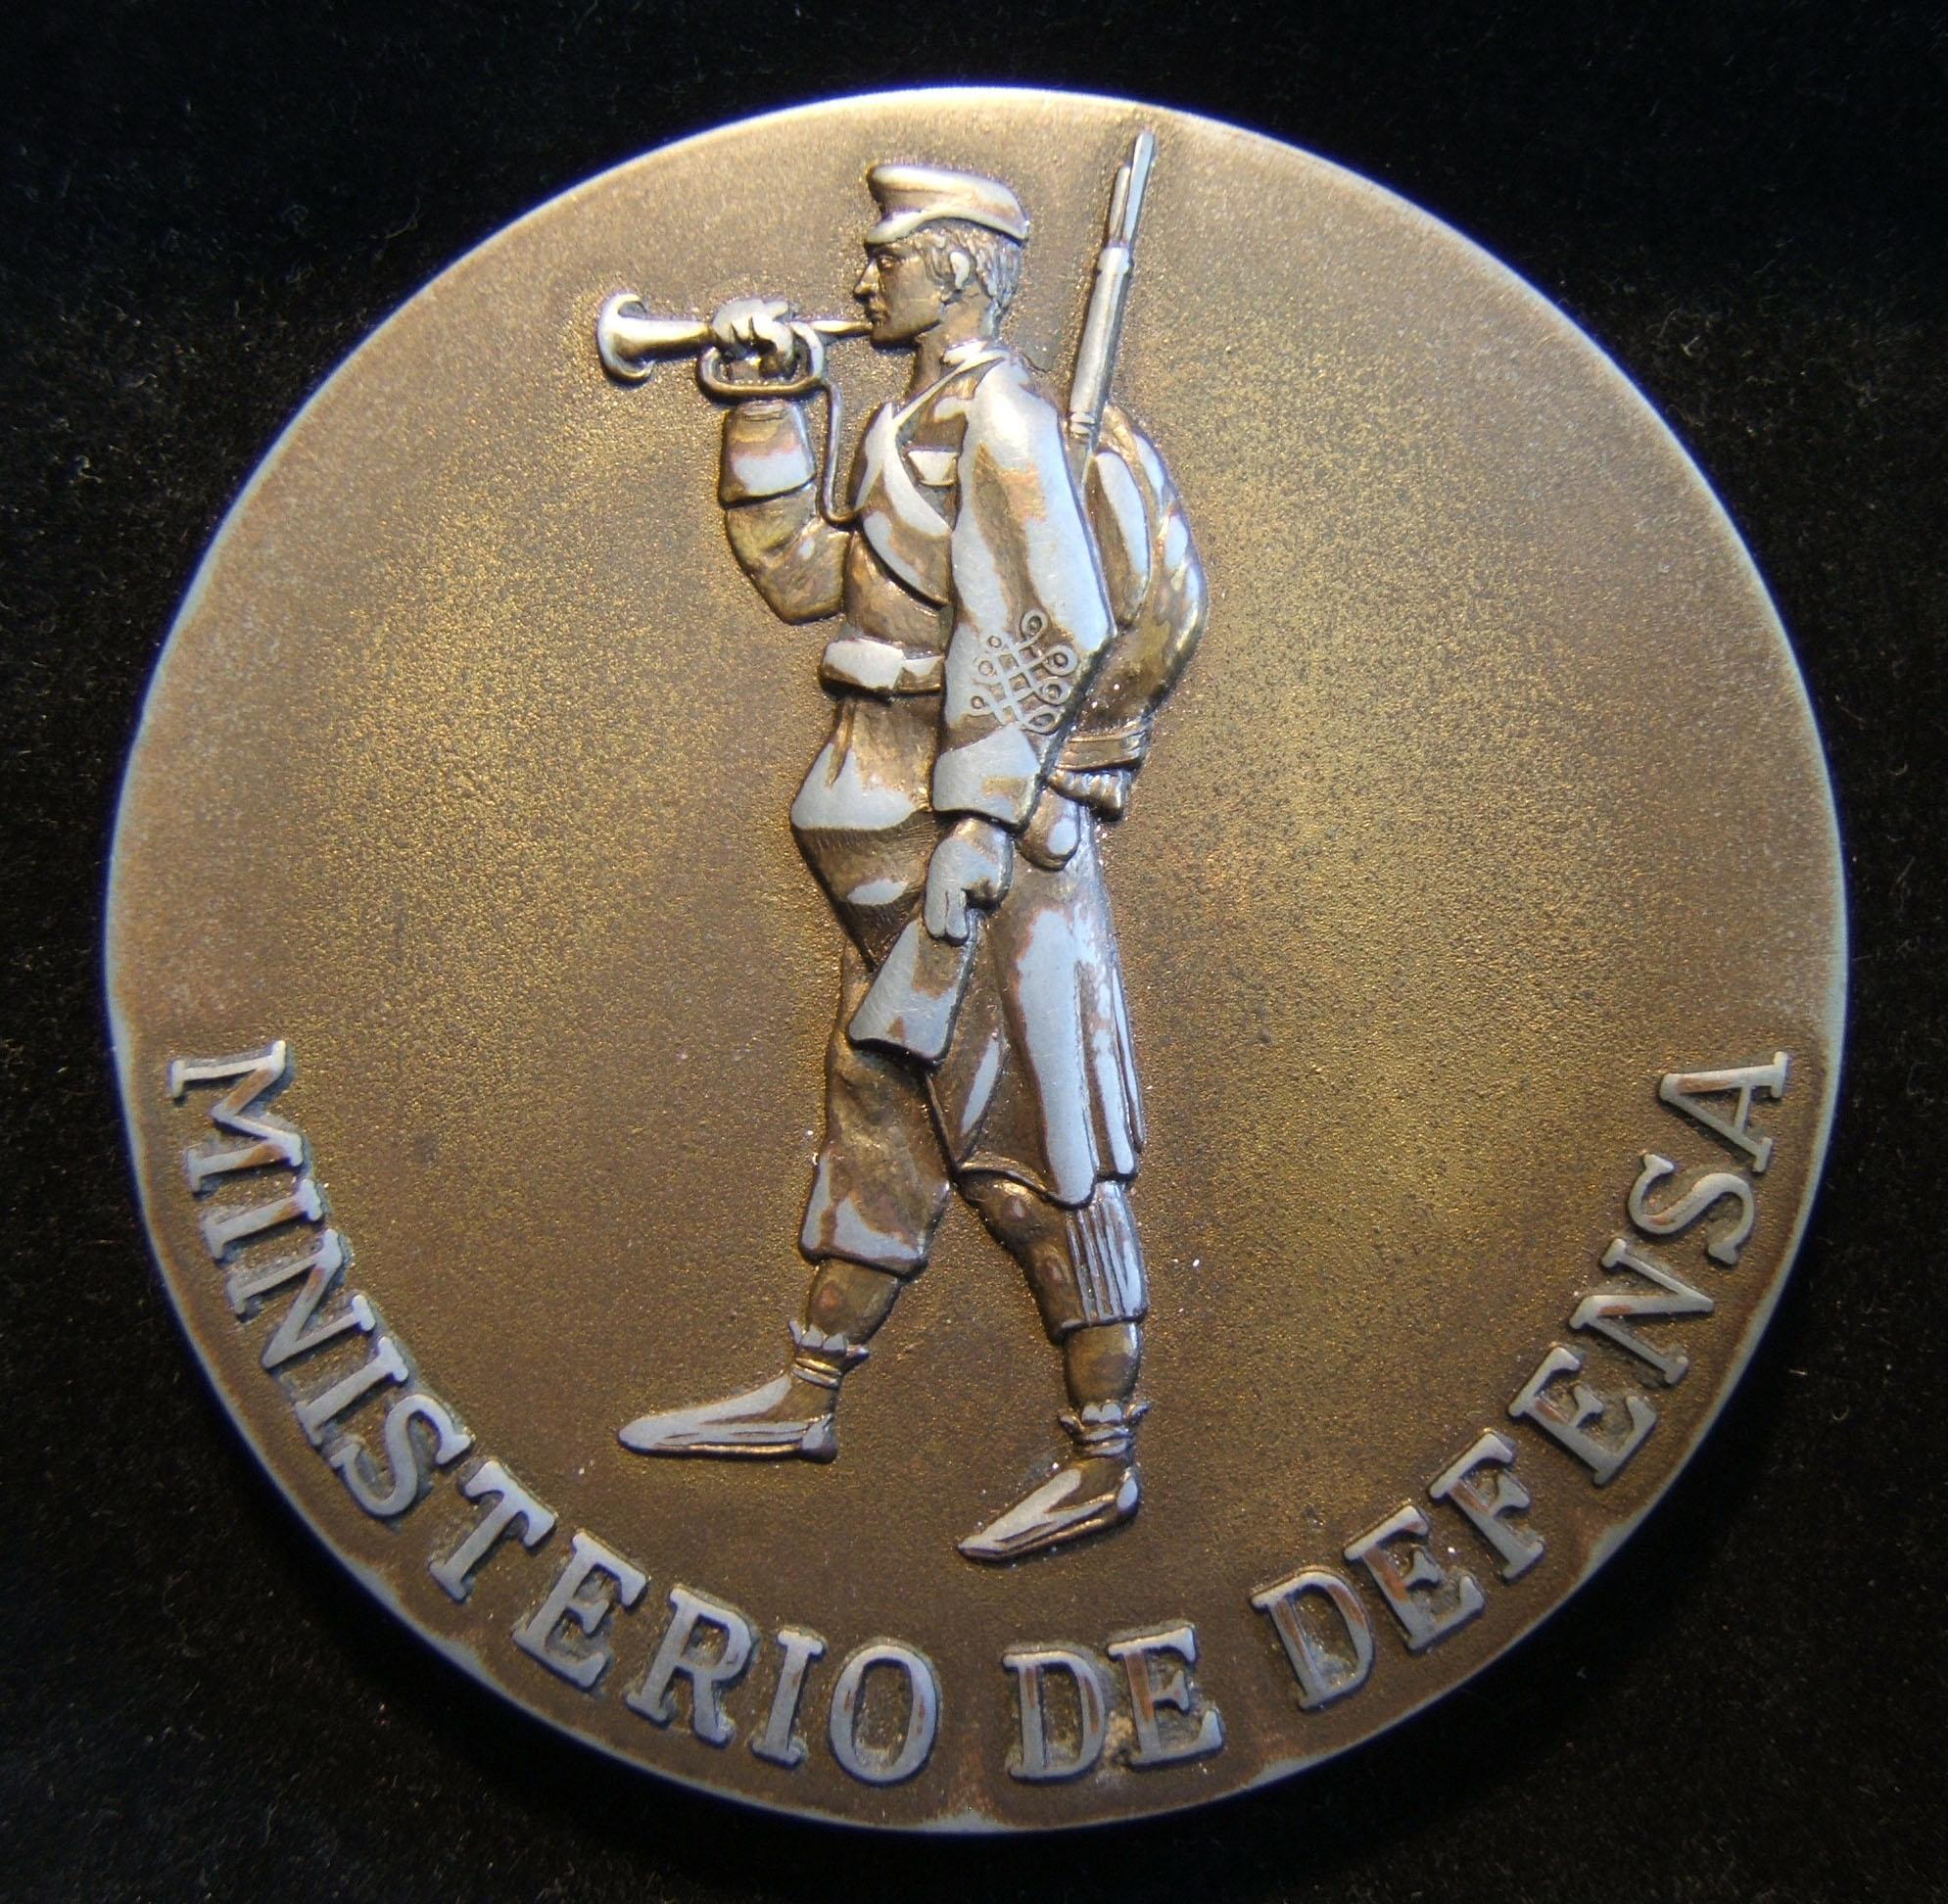 Spanien: Verteidigungsministerium (